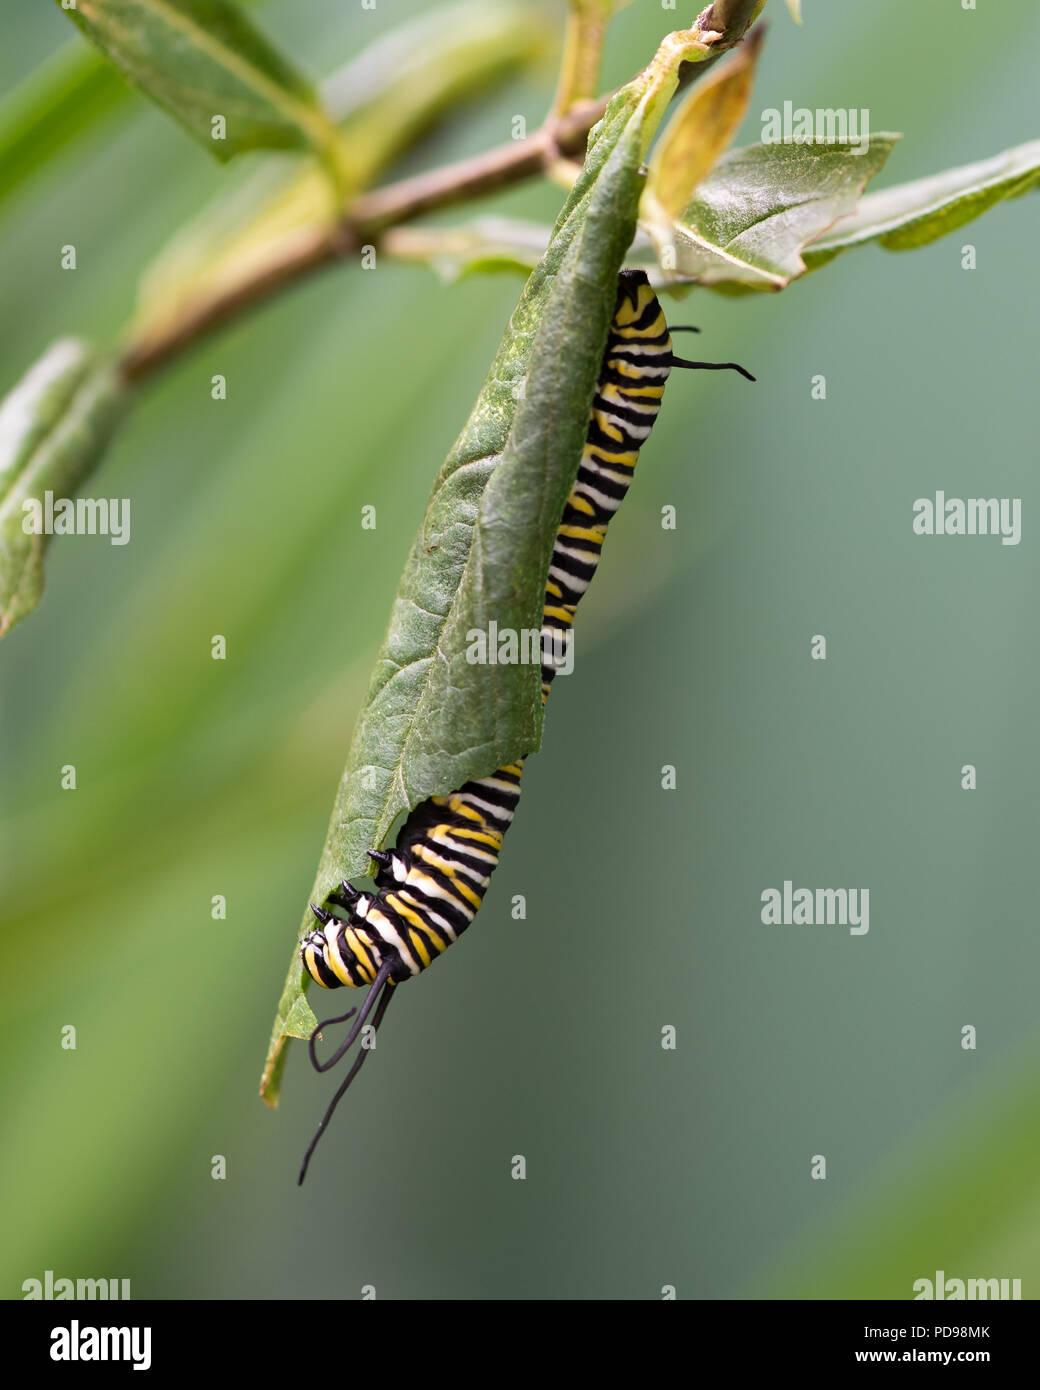 La oruga de la mariposa monarca, Danaus plexippus, alimentándose de pantano, Asclepias asclepias incarnata, en un jardín en el especulador, NY ESTADOS UNIDOS Foto de stock